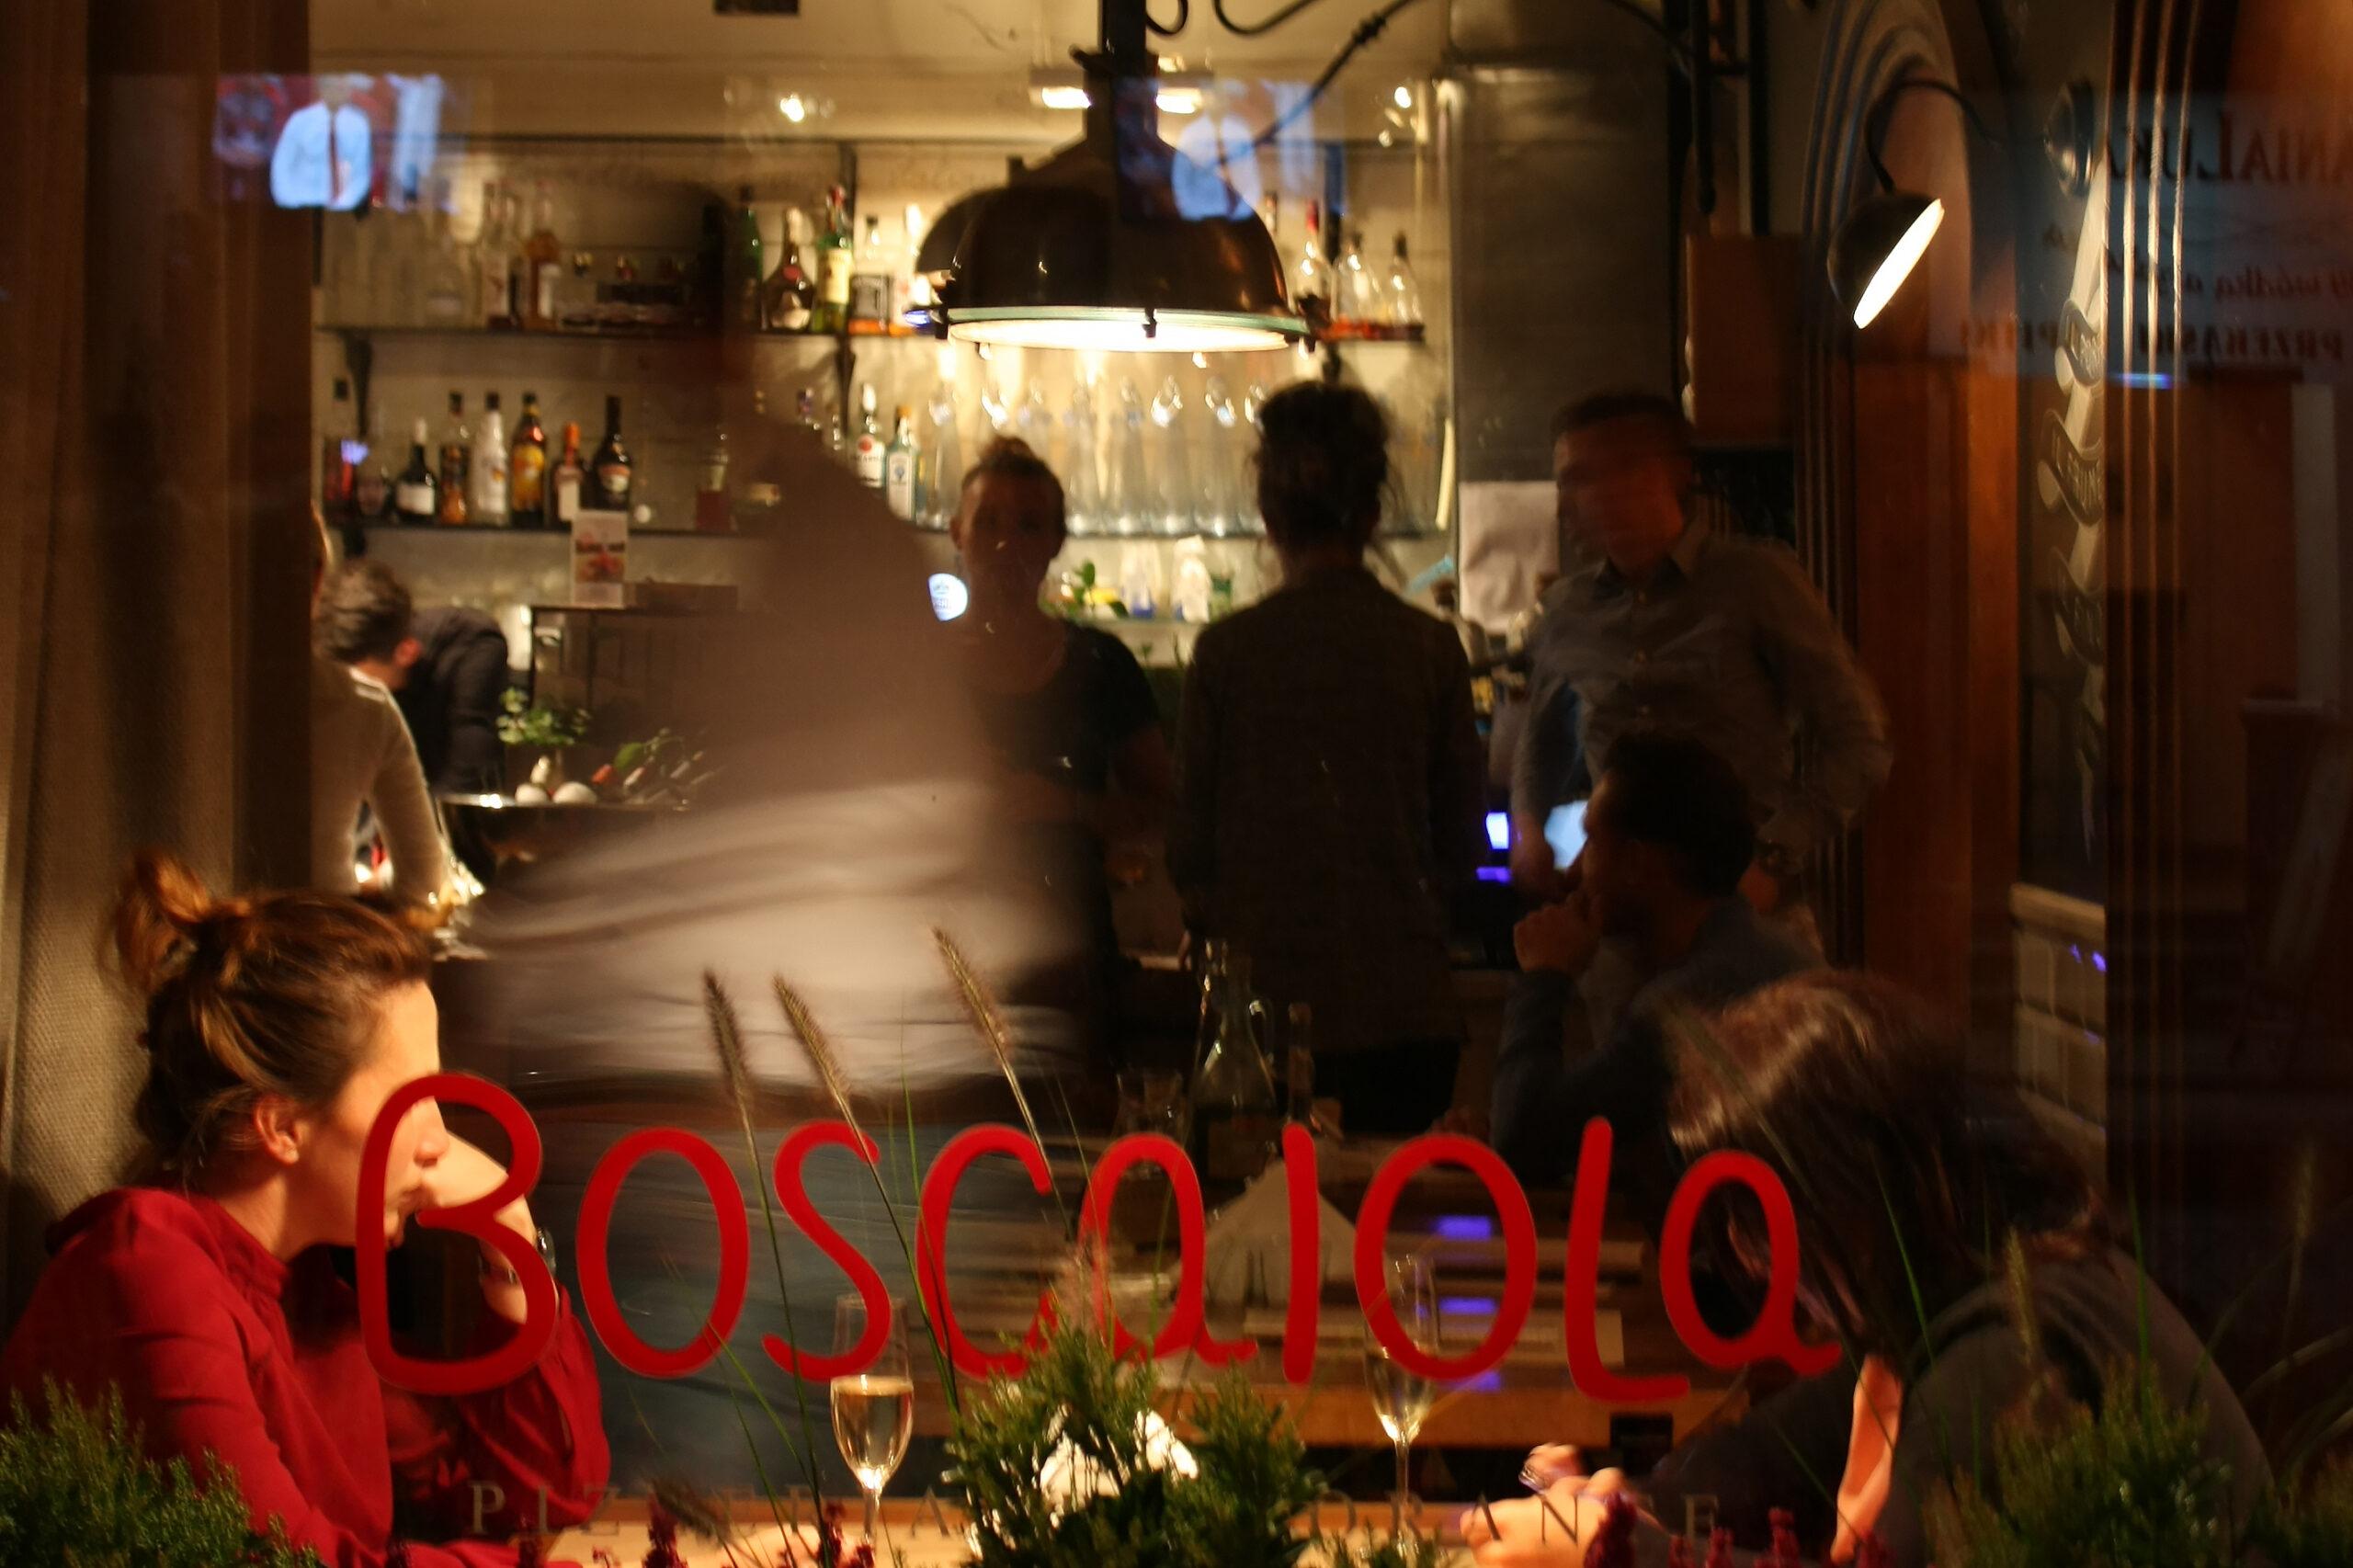 Boscaiola